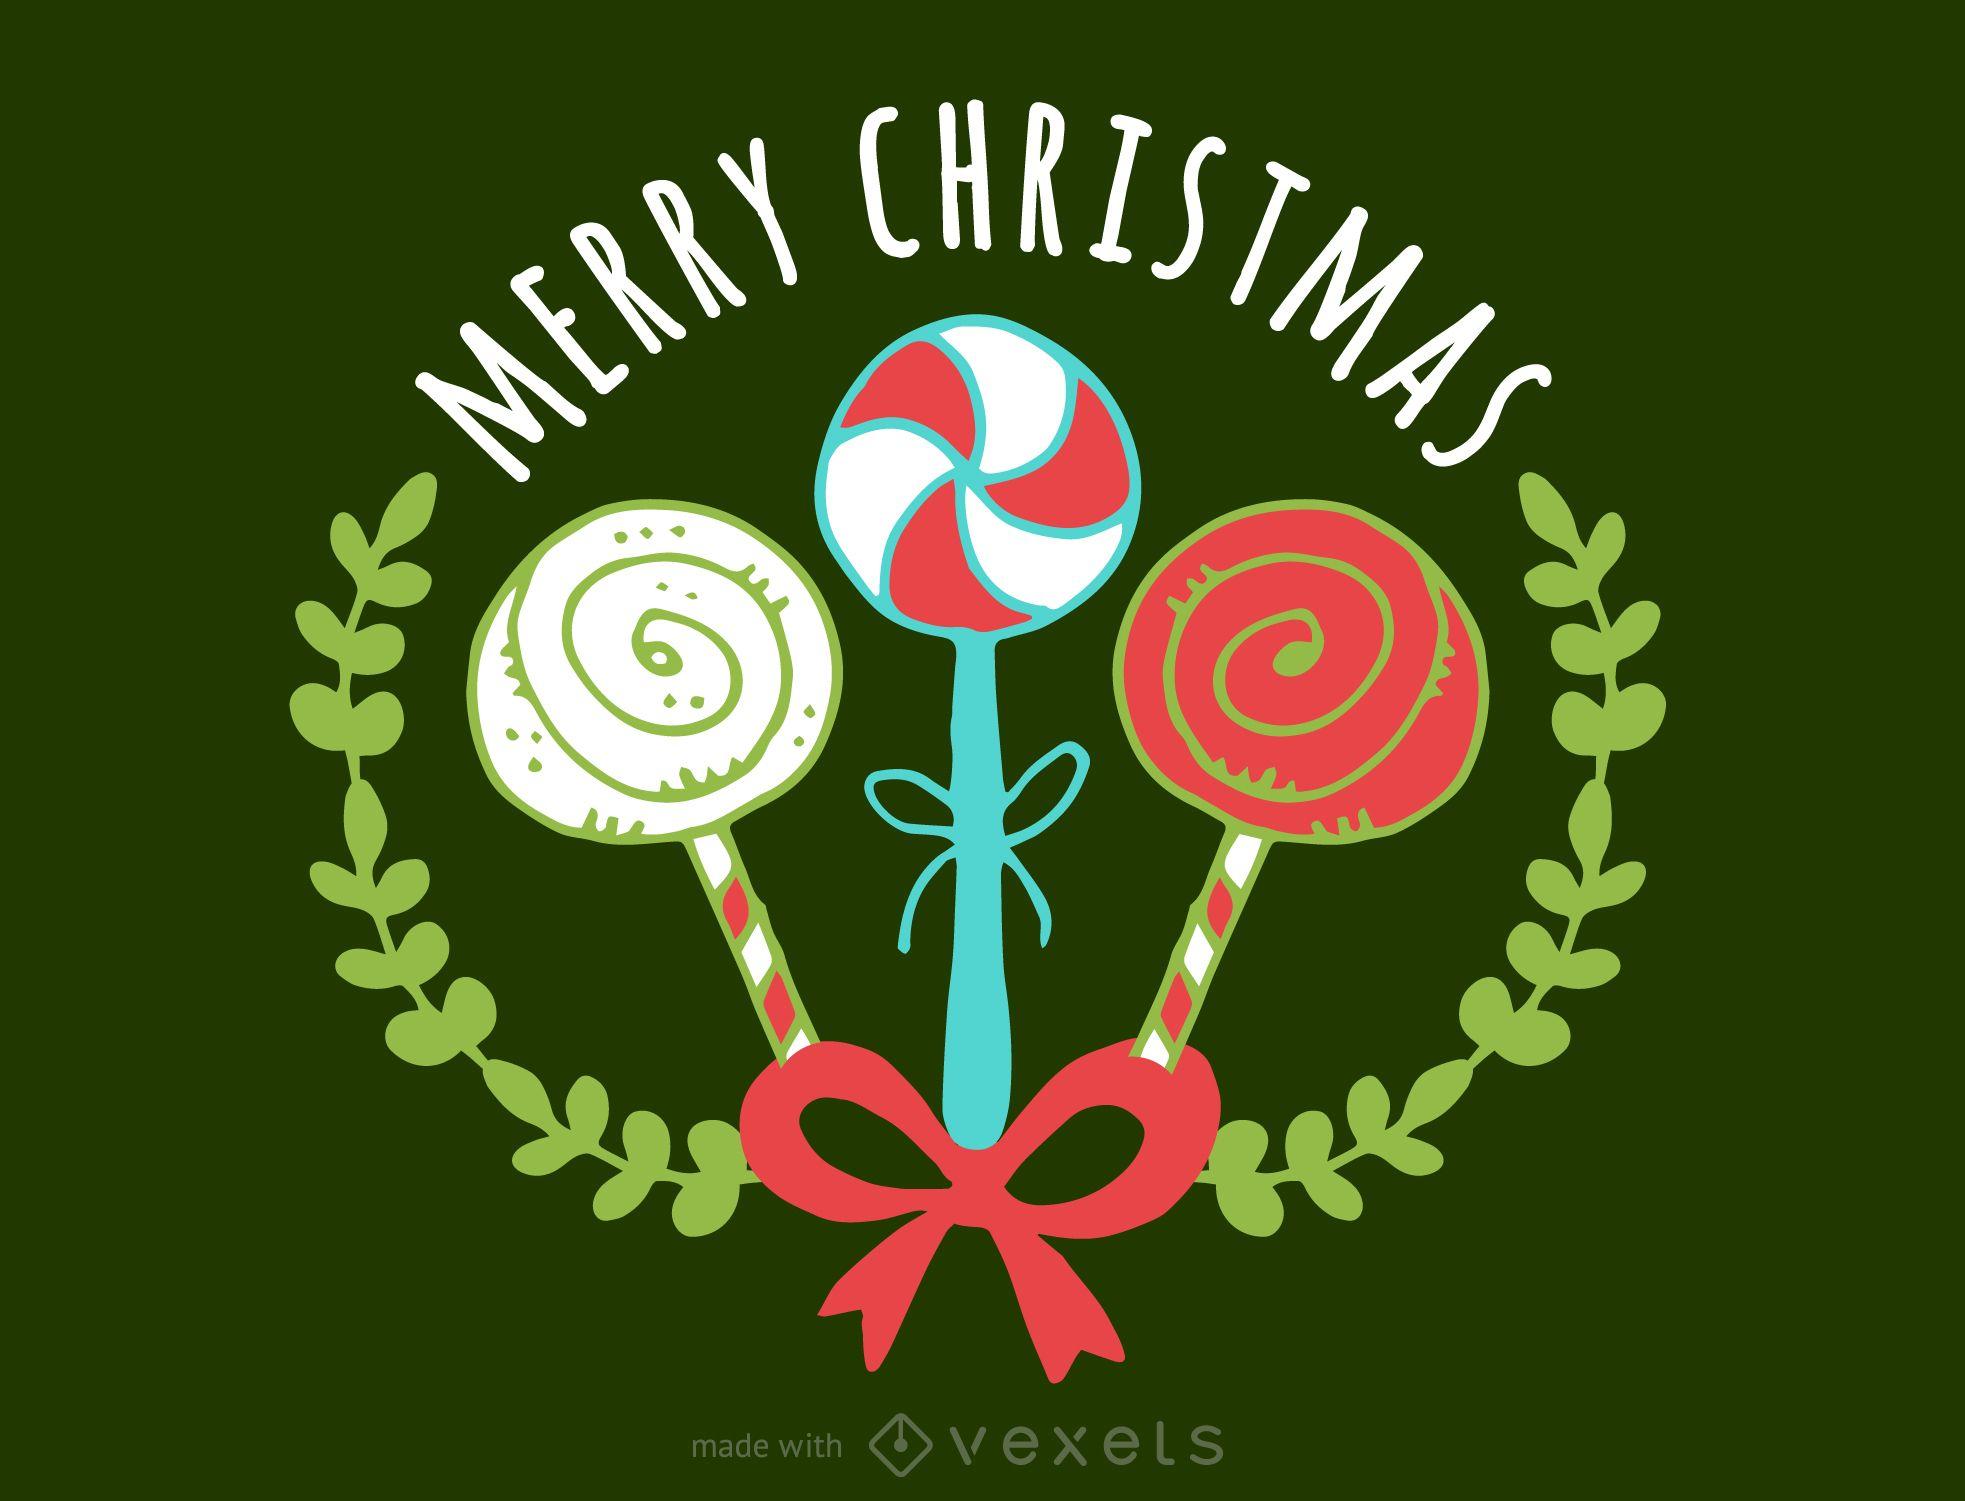 Feliz Navidad creador de insignias